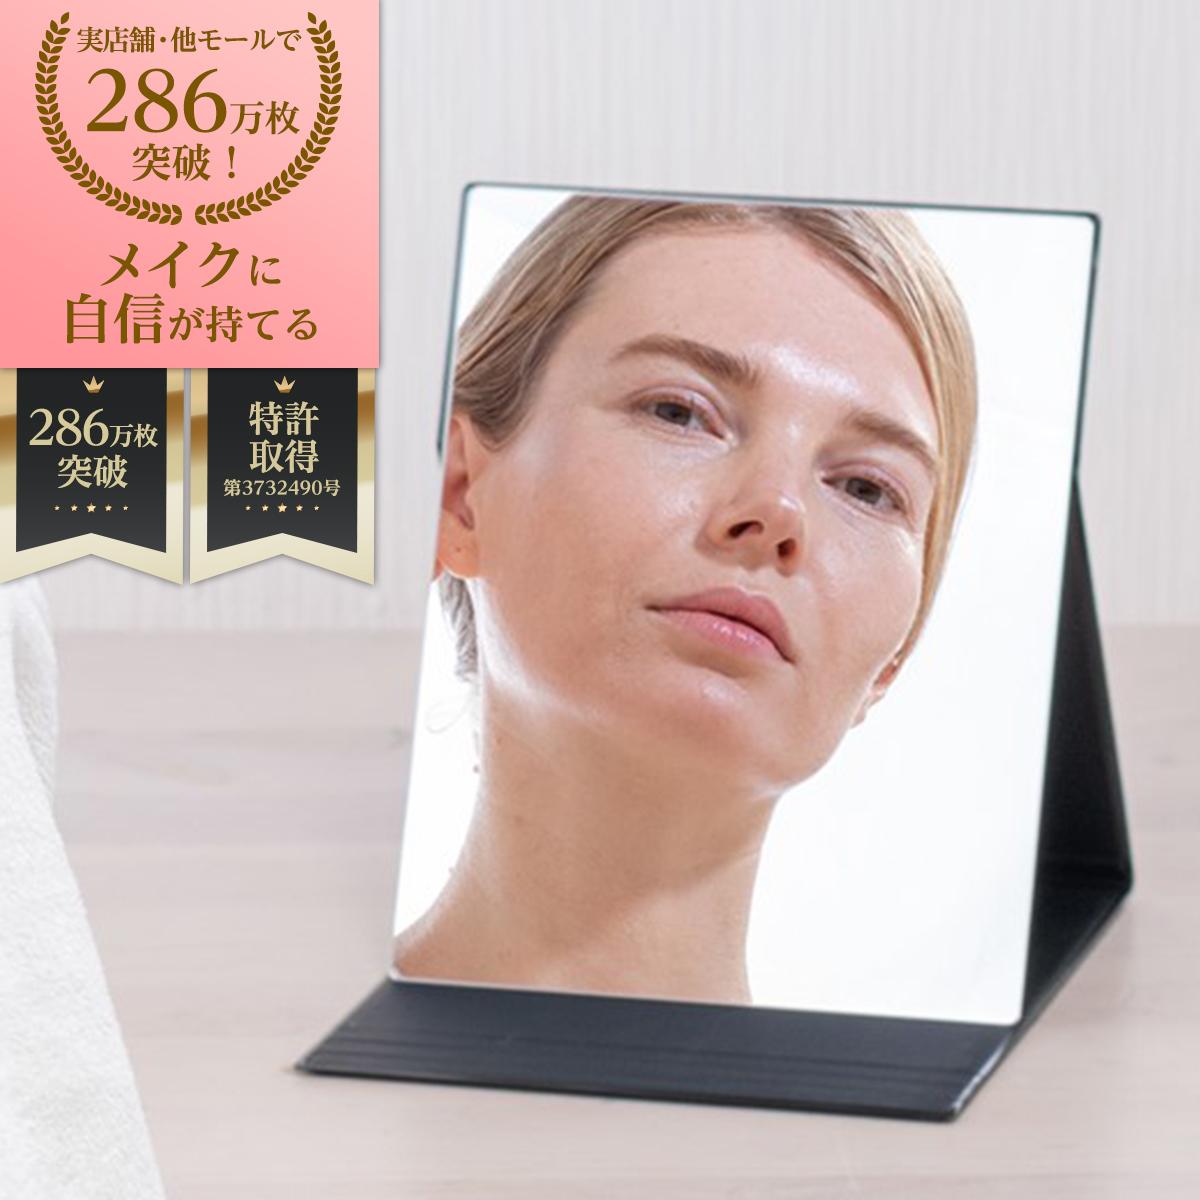 送料無料 日本製 供え デザイナーミラー おしゃれ オシャレ デザイナーズミラー ストアー 自然は肌色 折りたたみ コンパクト 特許 ナピュアミラー かわいい 持ち運び インテリア メイクアップミラー デザイナー監修 化粧鏡 かがみ フォールディングミラー L 堀内鏡工業 ブラック 卓上鏡